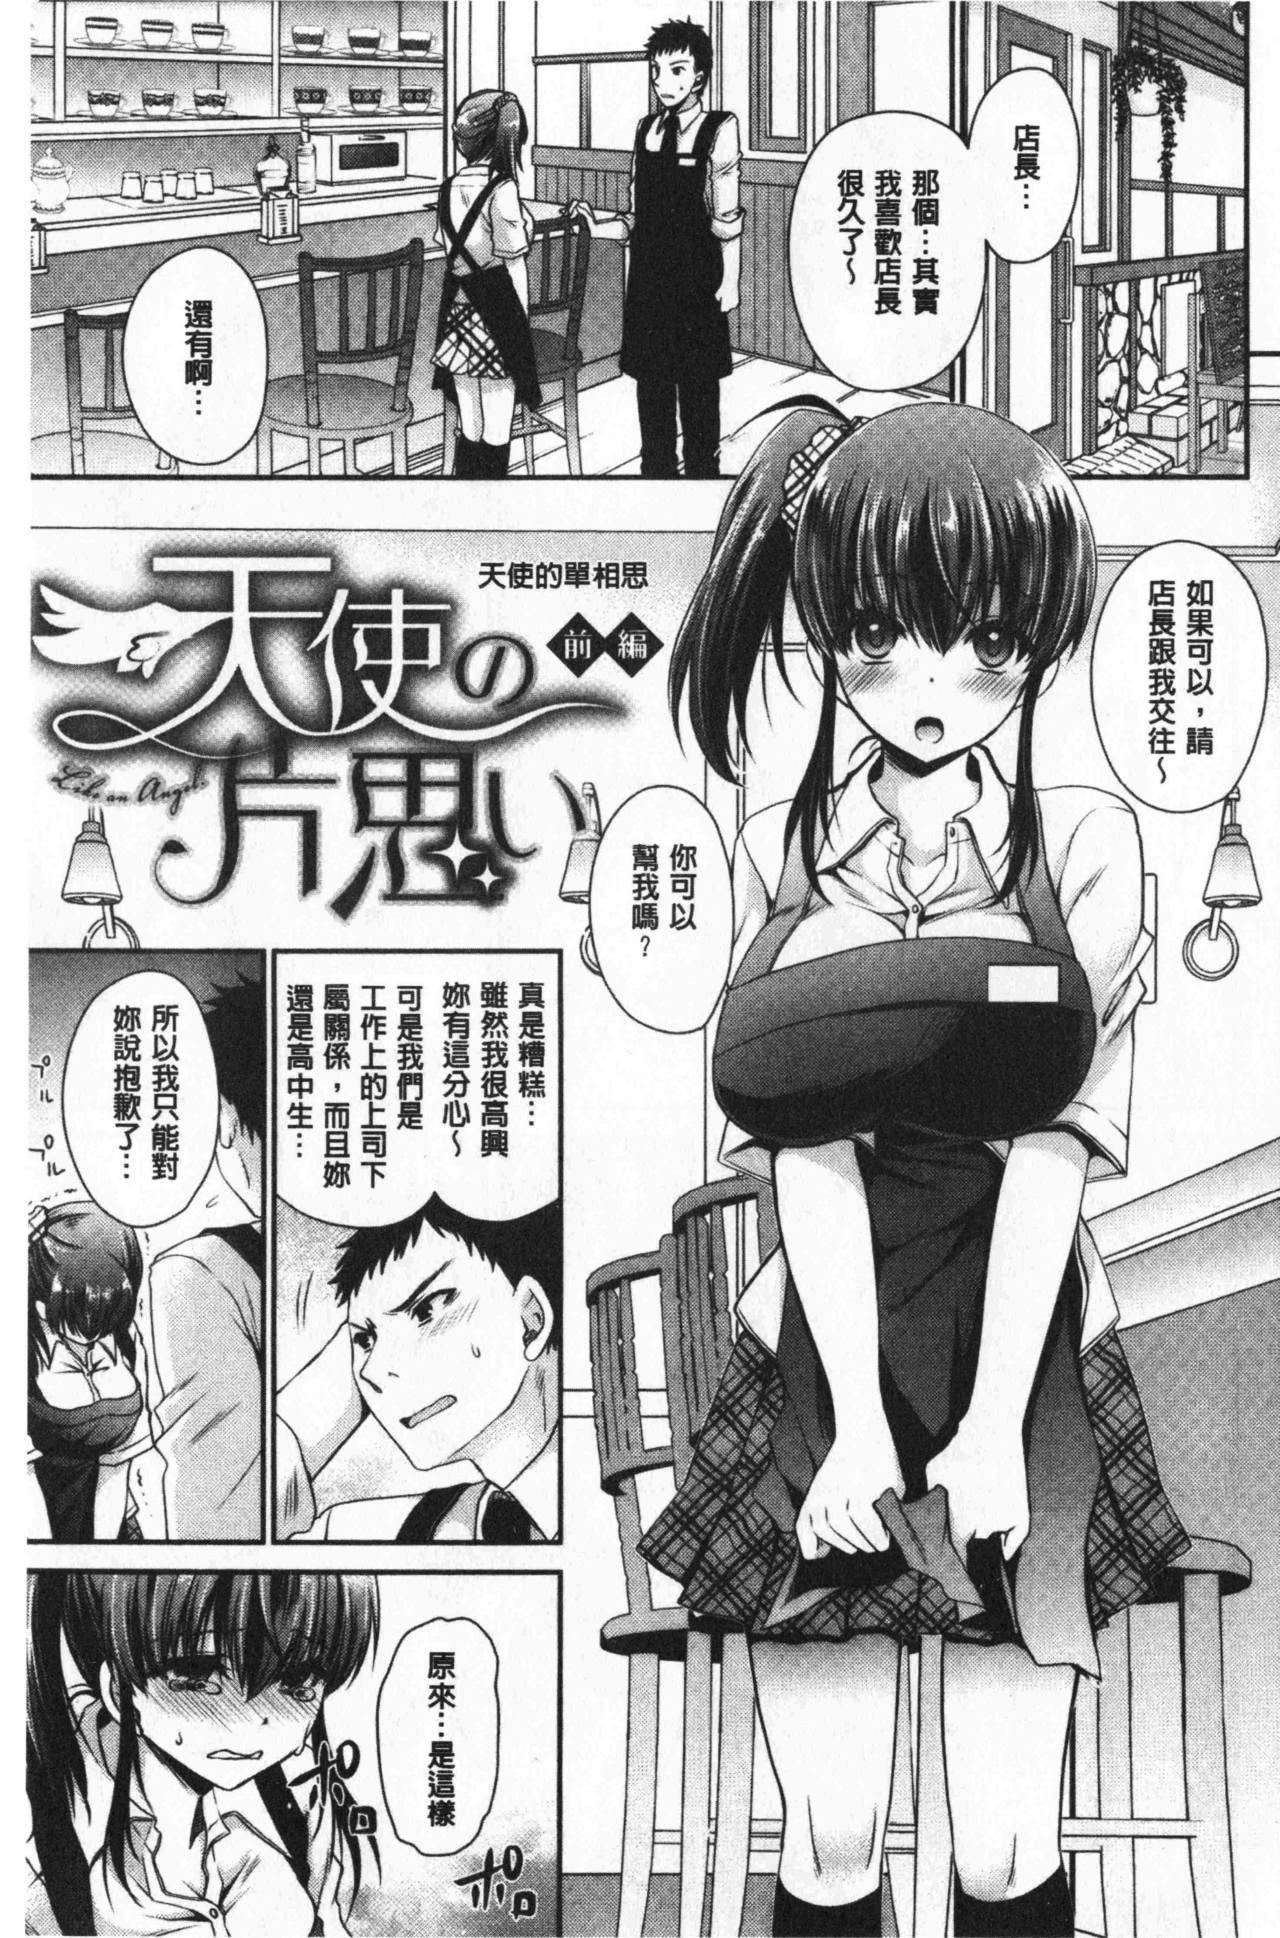 Doku Aru Hana no Amai Mitsu   毒淫花的甘甜蜜 128